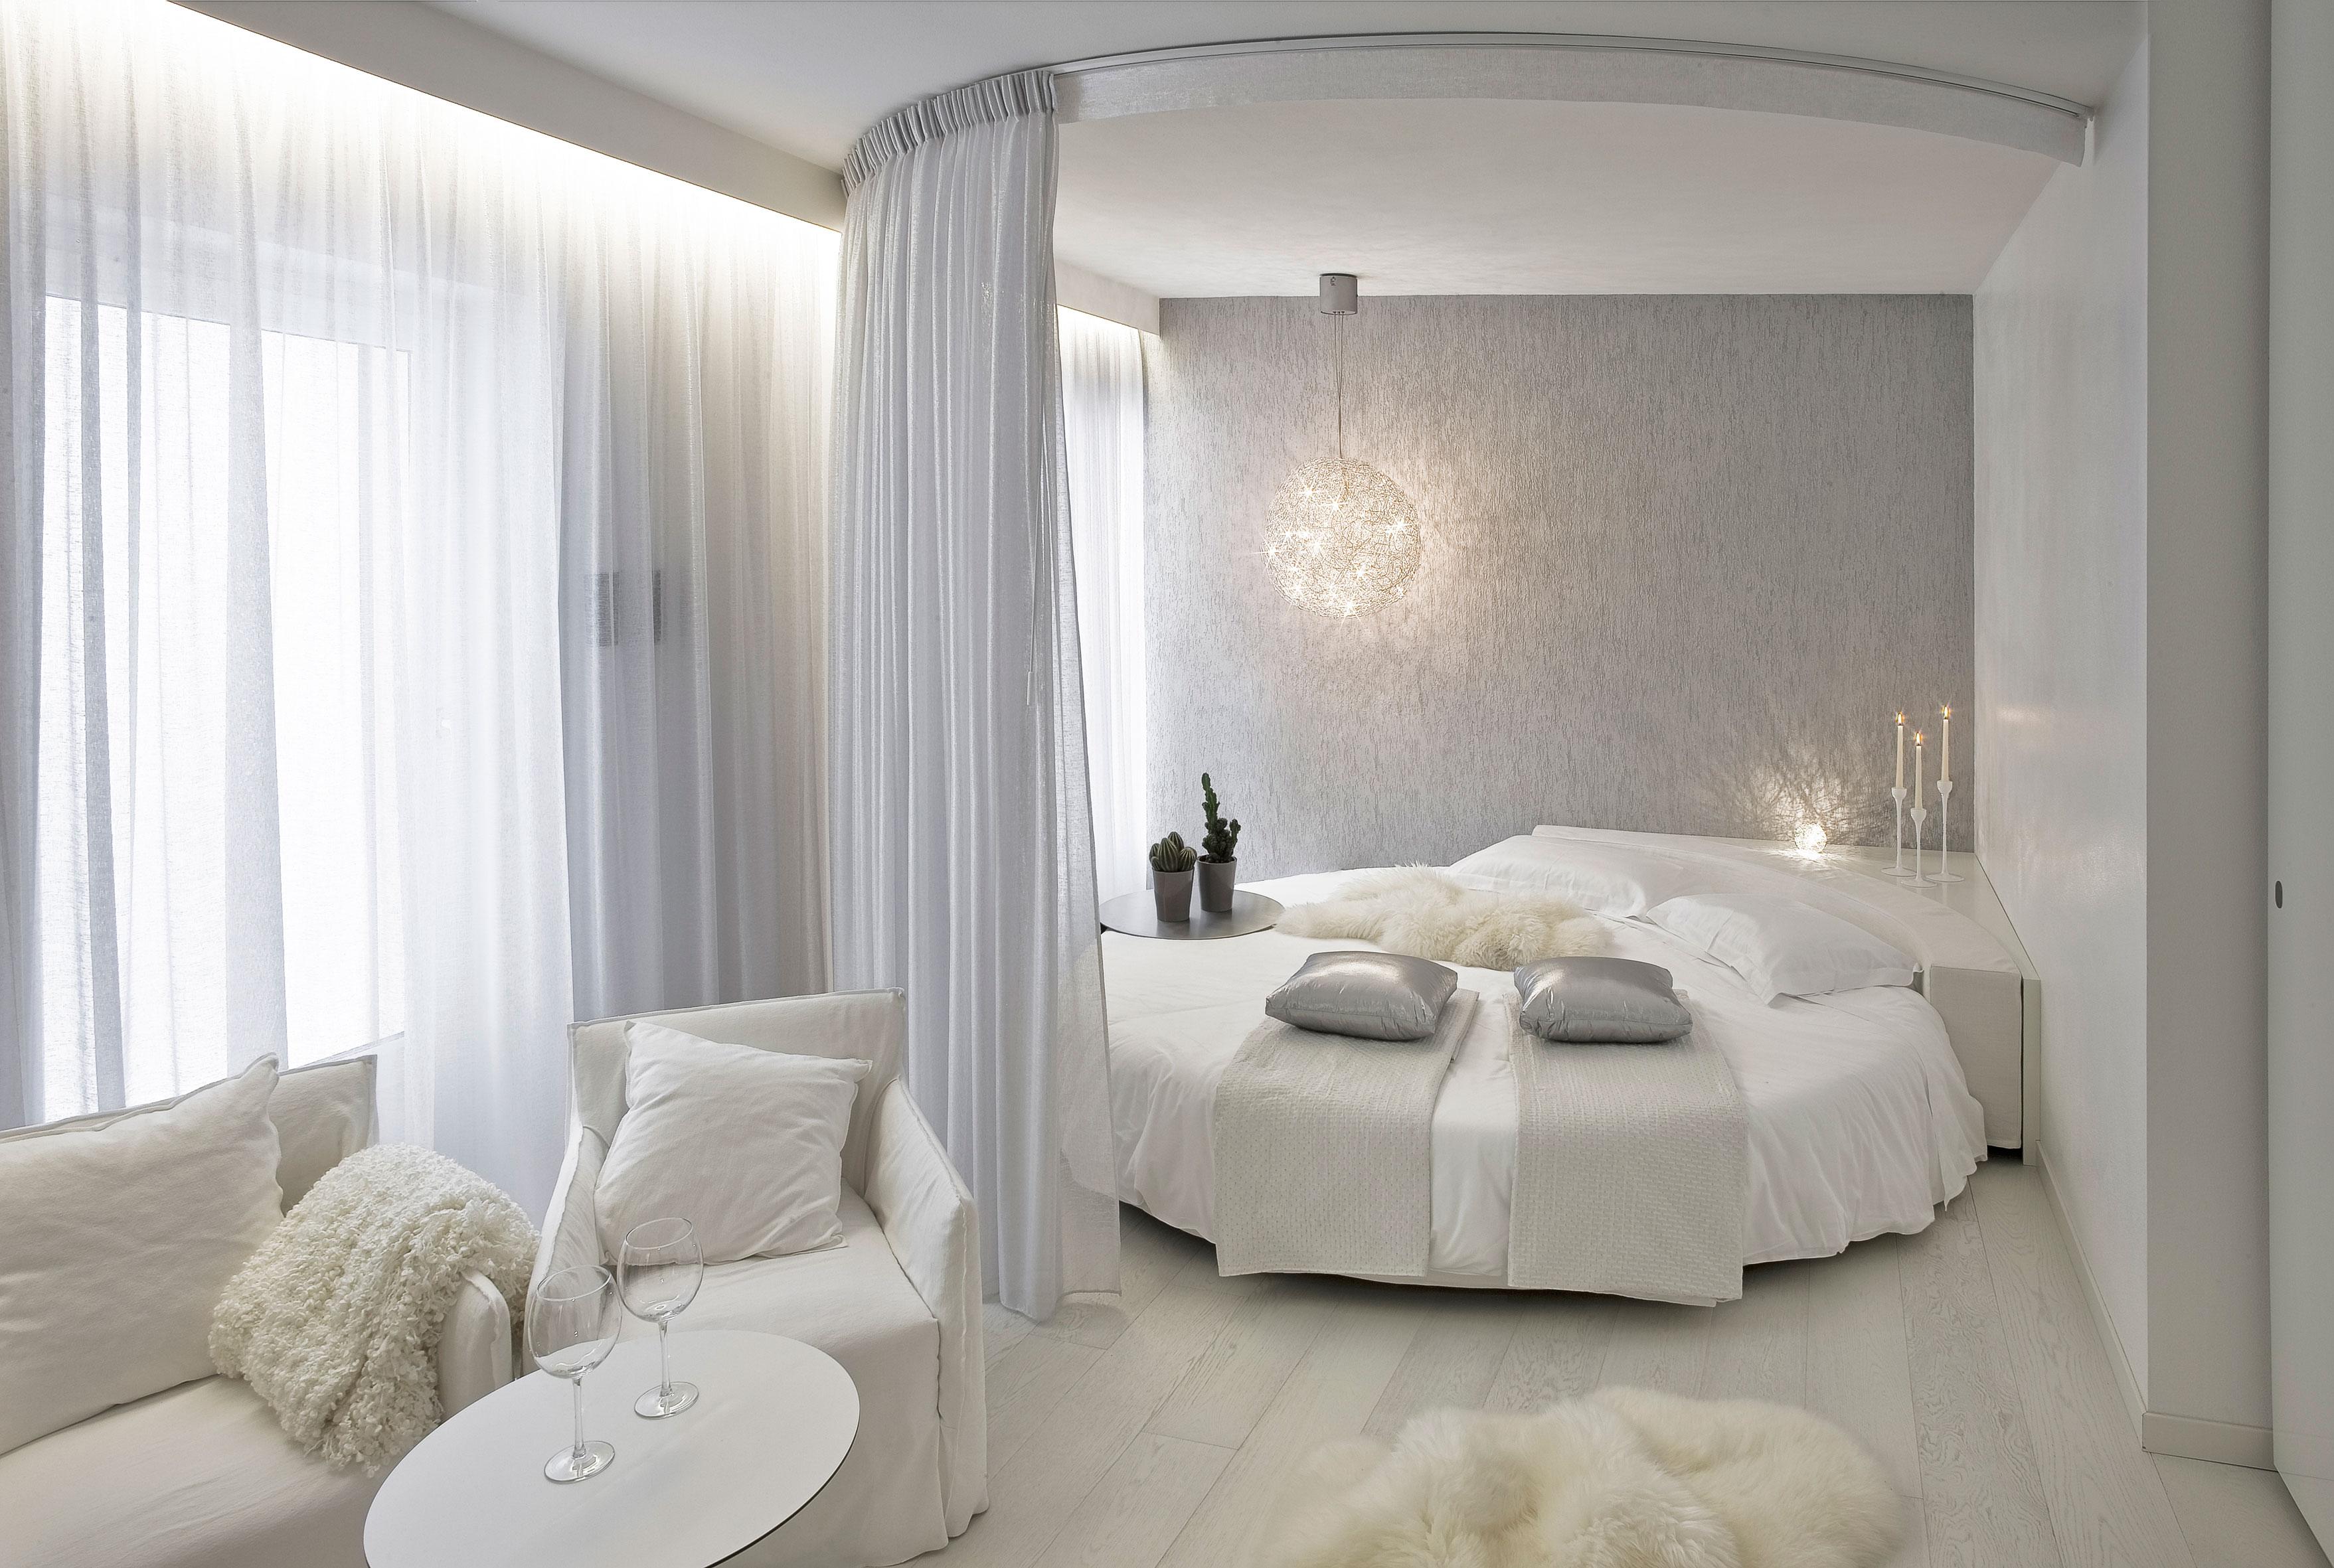 Tende camera da letto lilla : Tende del letto a baldacchino bagno finestra